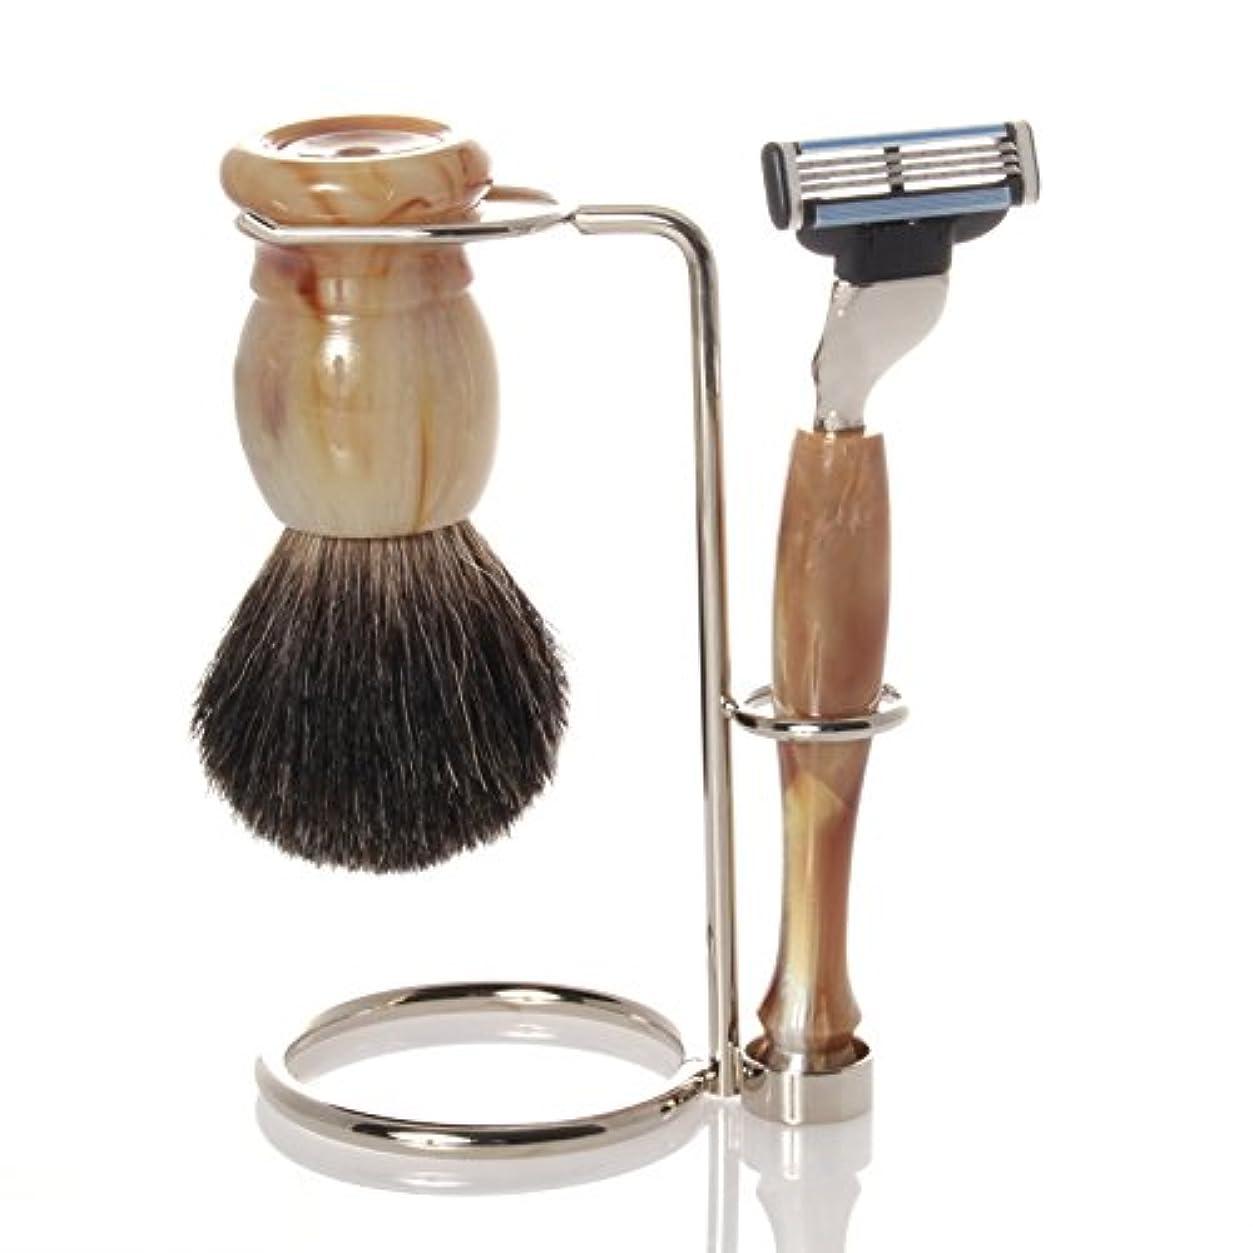 収縮調子アブセイ髭剃りセット、ホルダー、グレー?オジャー?ブラシ、カミソリ- Hans Baier Exclusive